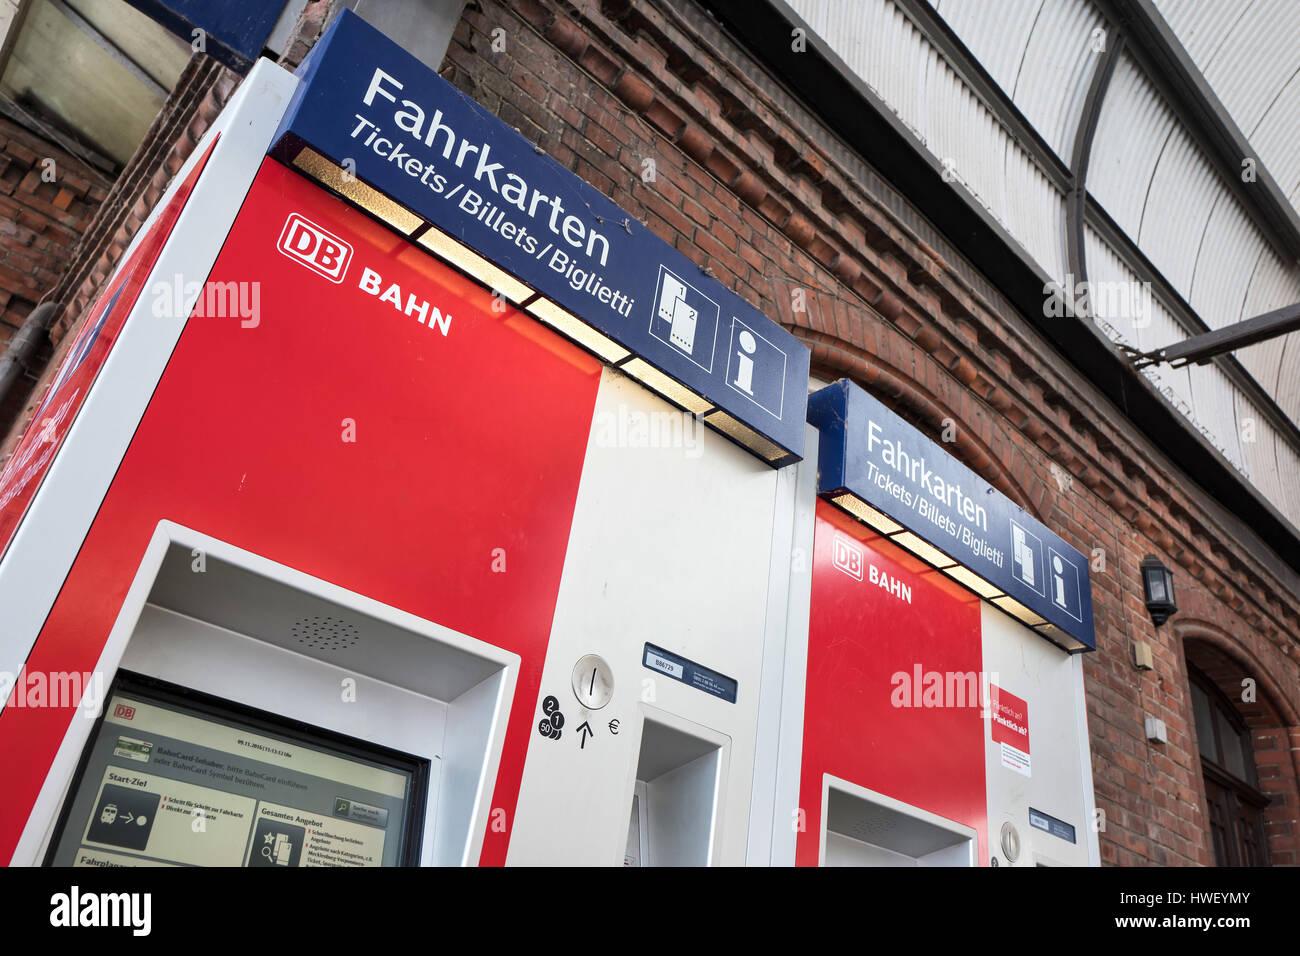 DB-Fahrkartenautomaten. Deutsche Bahn AG ist die größte Eisenbahn-Betreiber und Eigentümer der Infrastruktur Stockbild